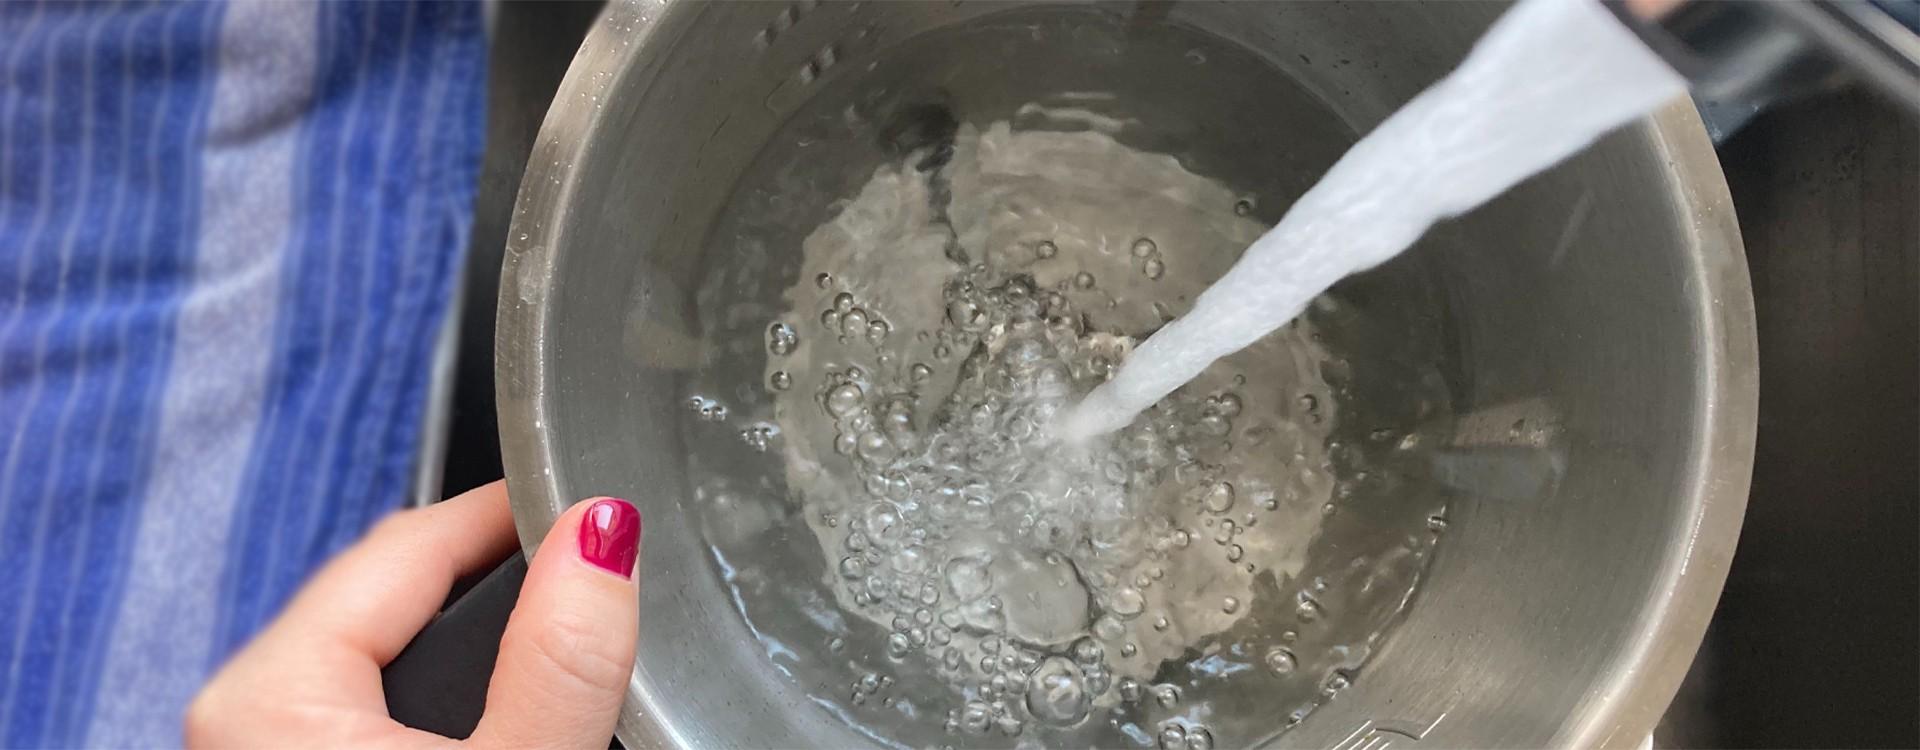 Reinigungstipps für den Monsieur Cuisine